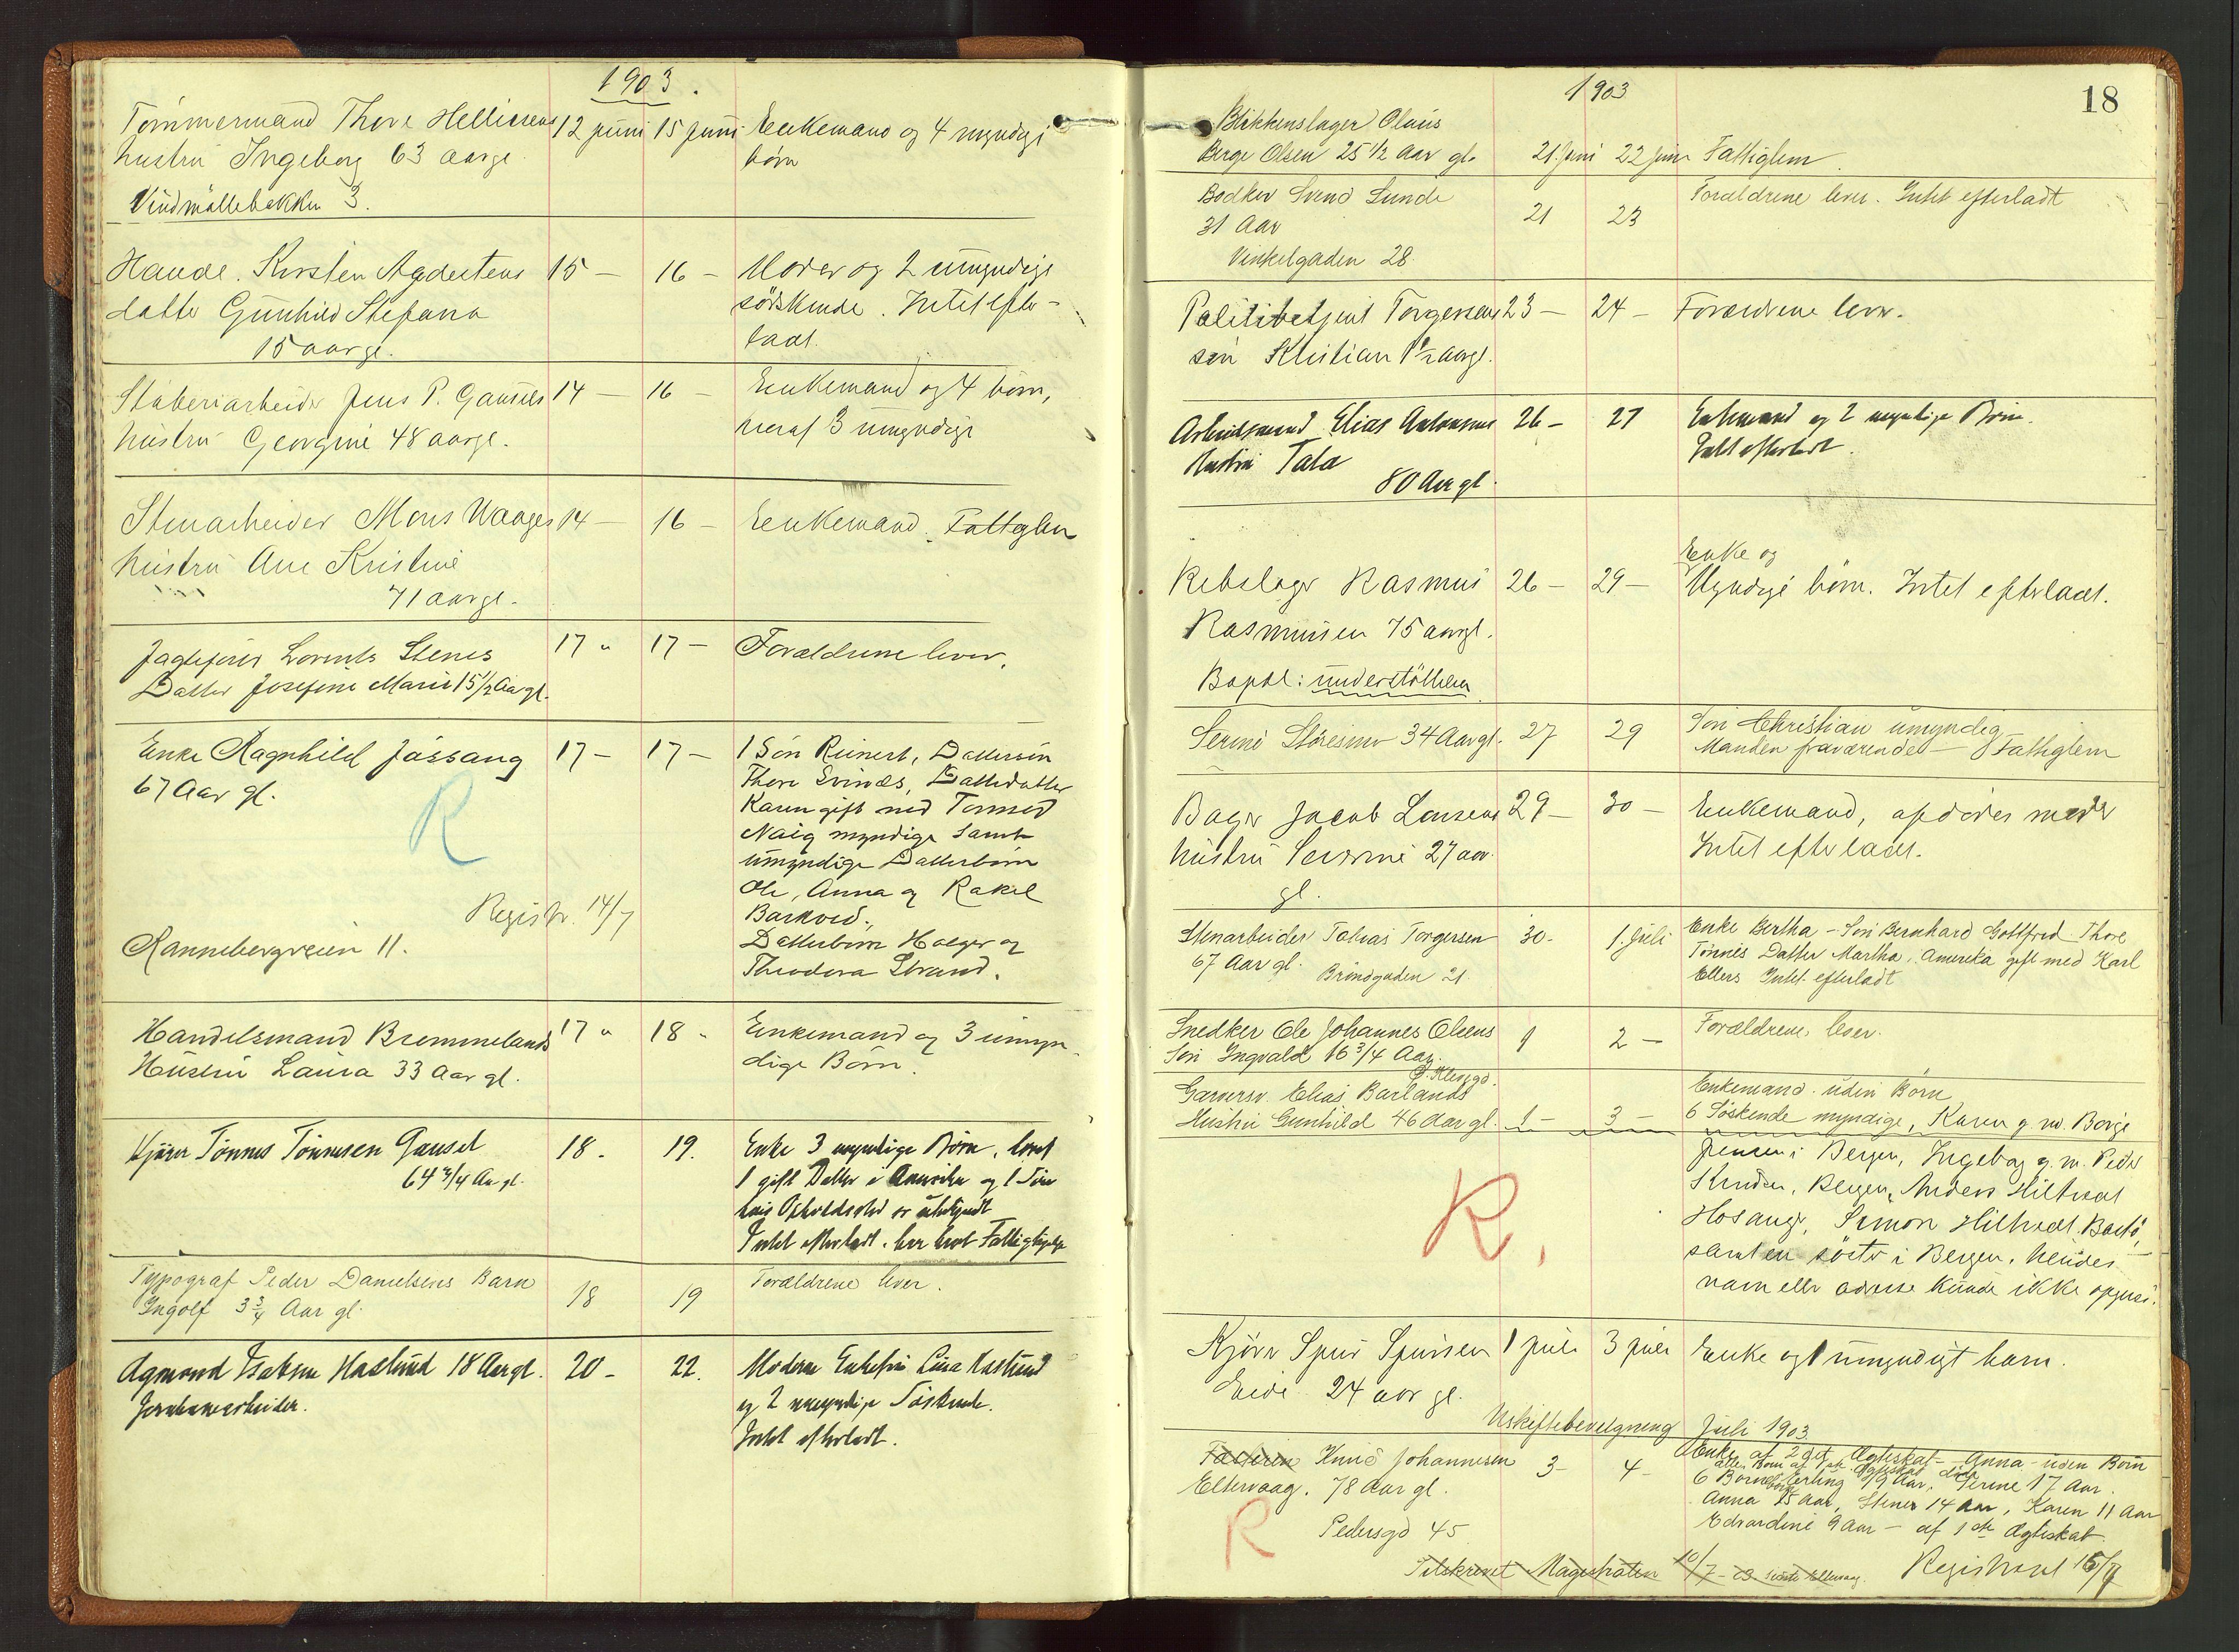 SAST, Stavanger skifteforvalter, 5/52/52B/L0003: Dødsfallsprotokoll, 1902-1910, s. 18